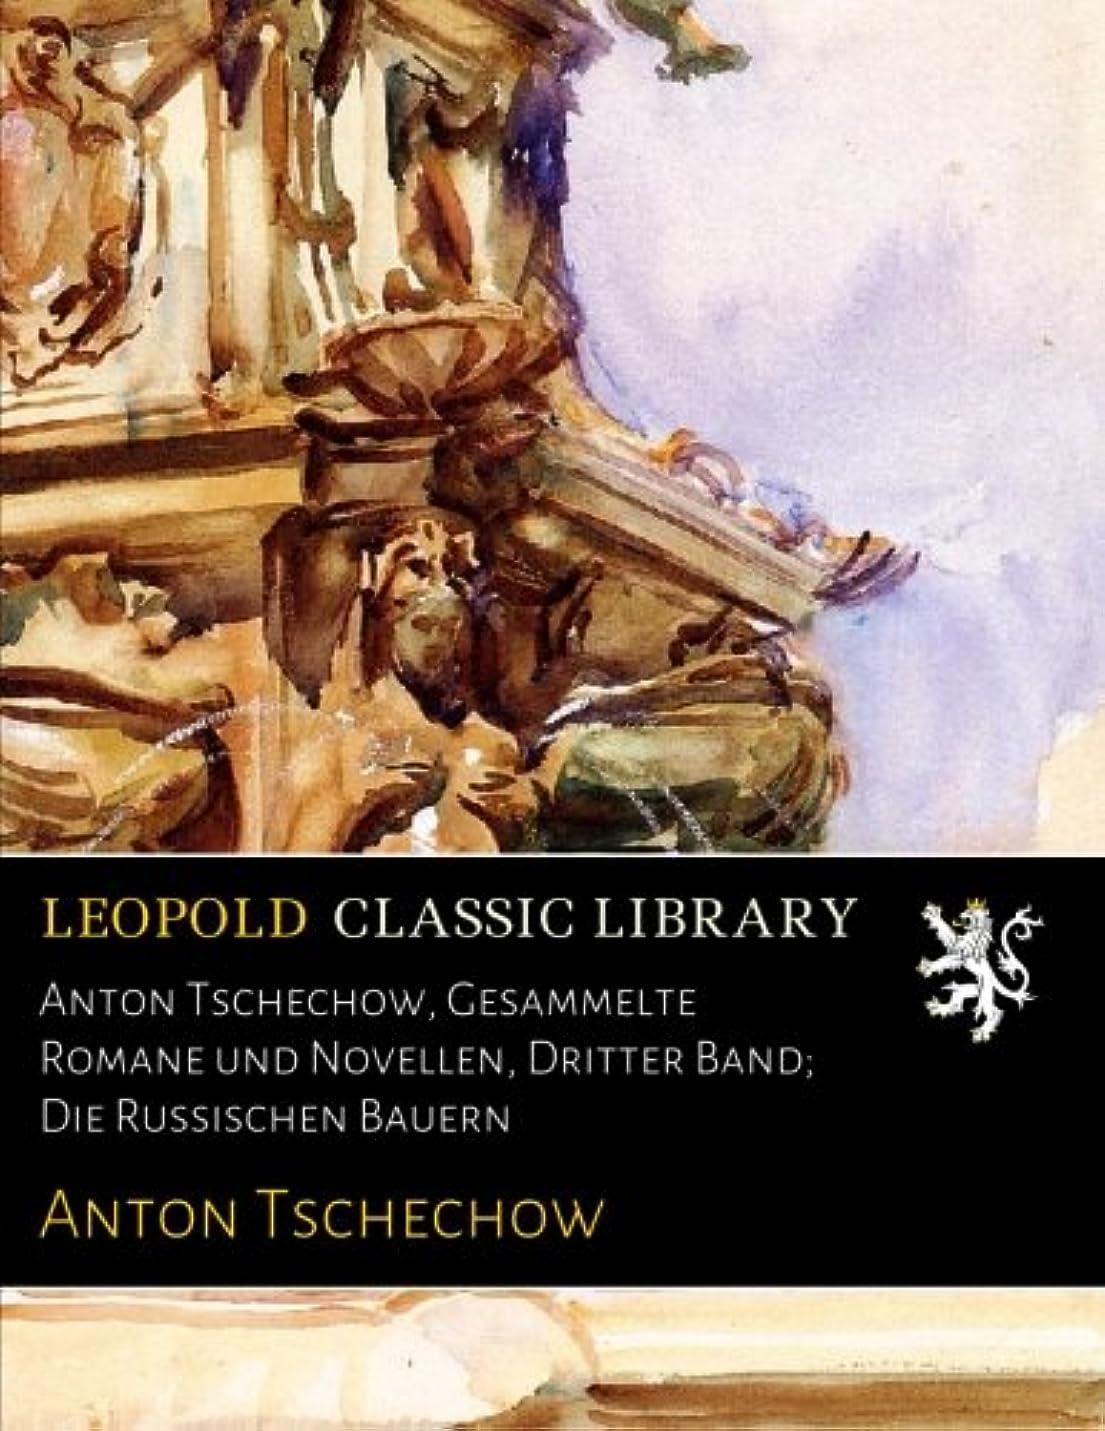 オーバーヘッド腸天才Anton Tschechow, Gesammelte Romane und Novellen, Dritter Band; Die Russischen Bauern